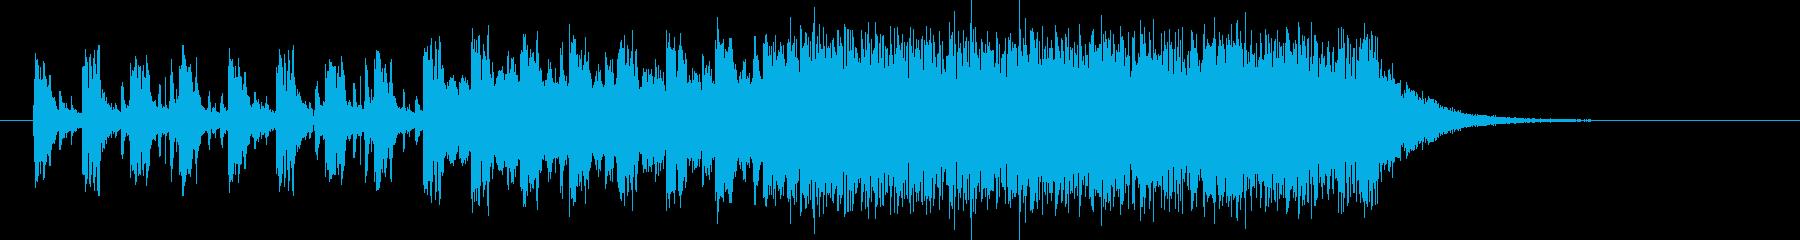 躍動感あるスピーディーなシンセジングルの再生済みの波形